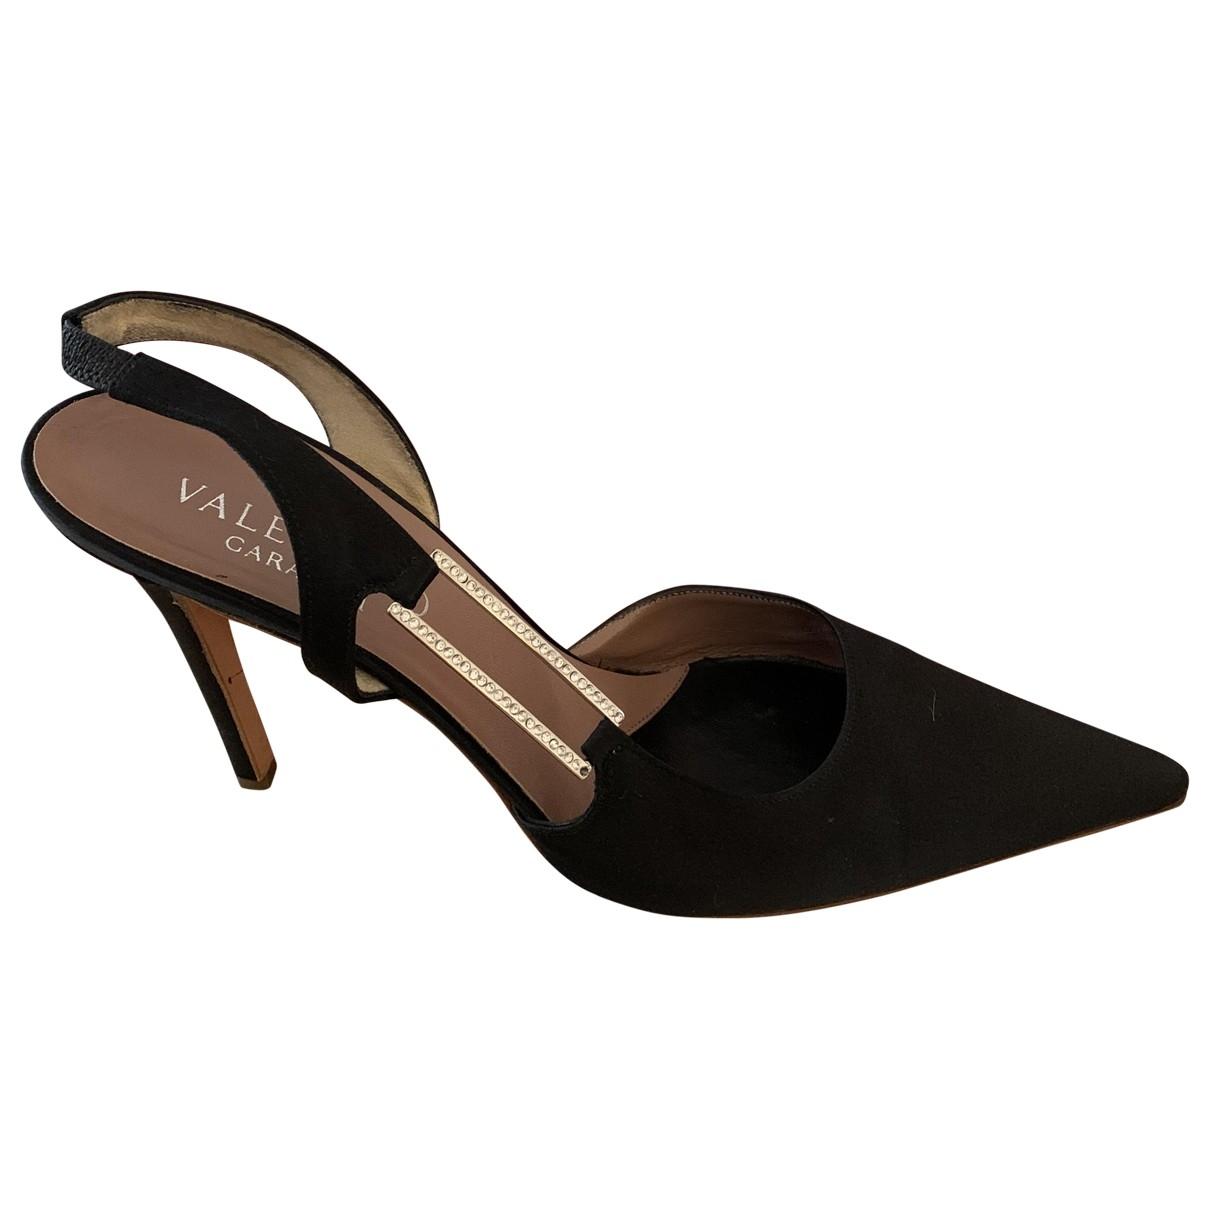 Valentino Garavani - Escarpins   pour femme en cuir - noir